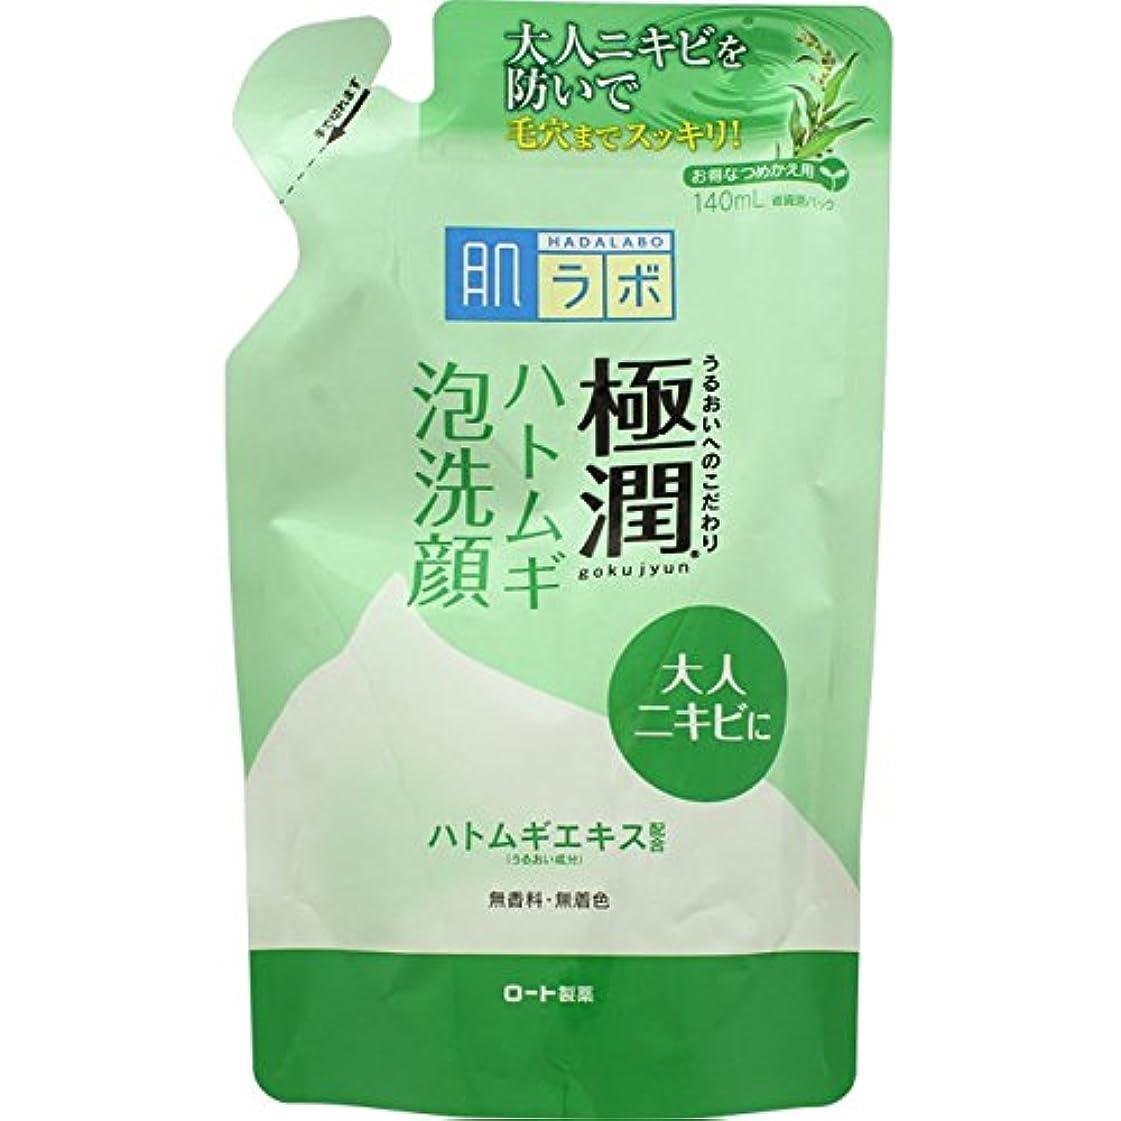 おビルダー分注する肌ラボ 極潤 毛穴洗浄 大人ニキビ予防 ハトムギ泡洗顔 詰替用 140mL